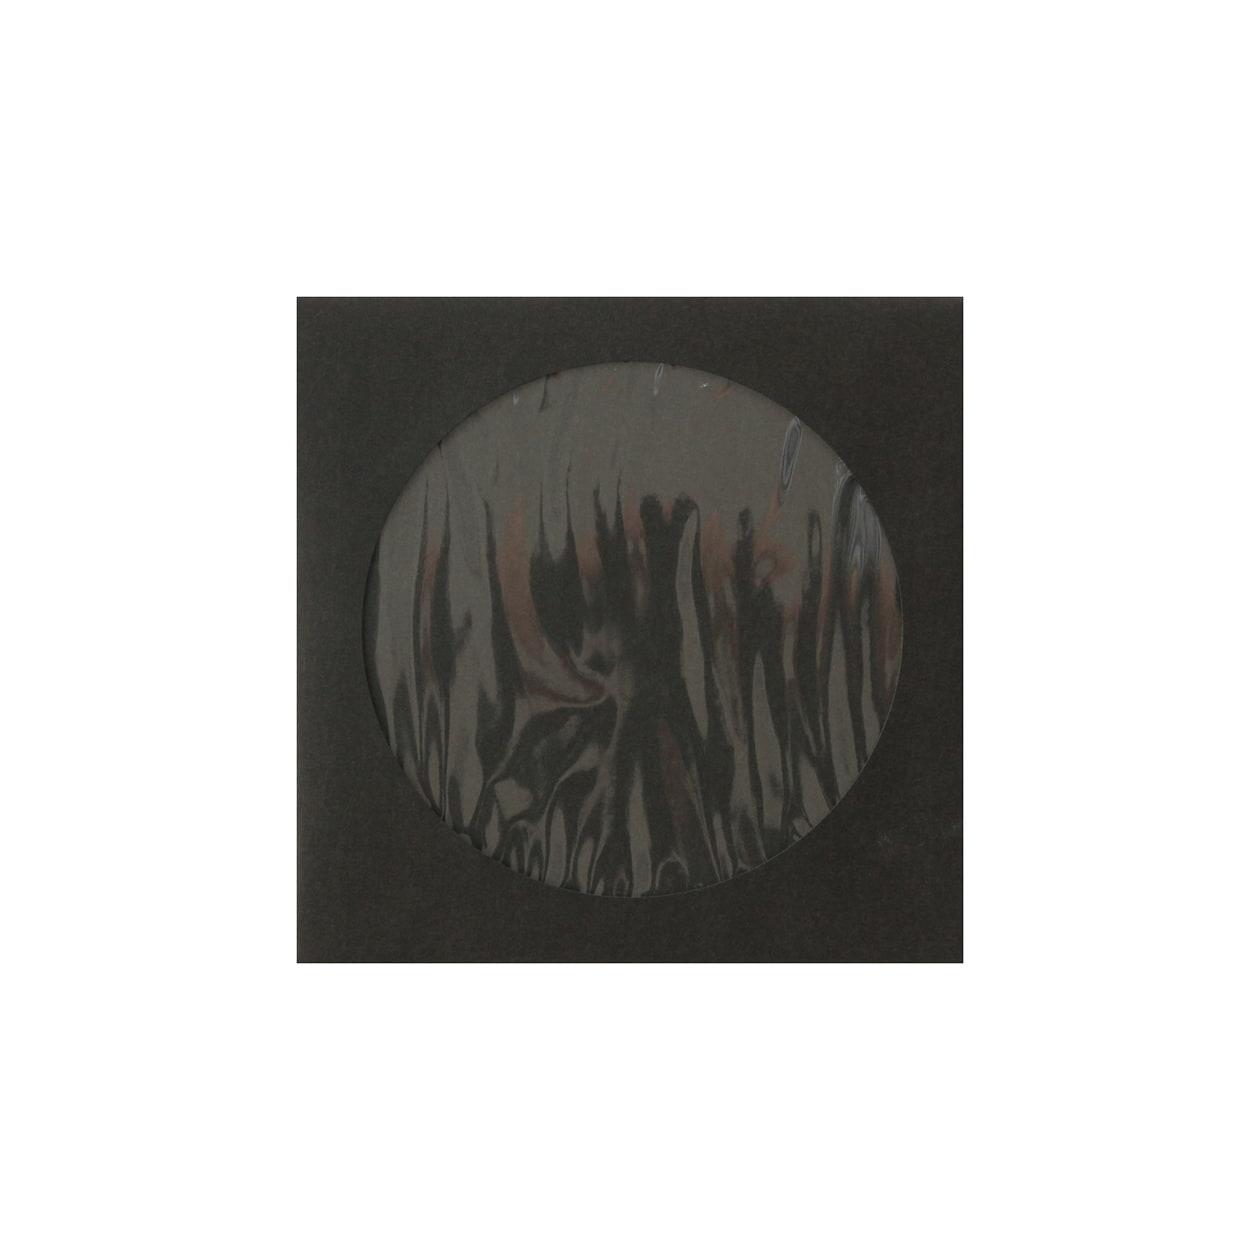 CD/DVD封筒 コニーカラー ブラック 100g